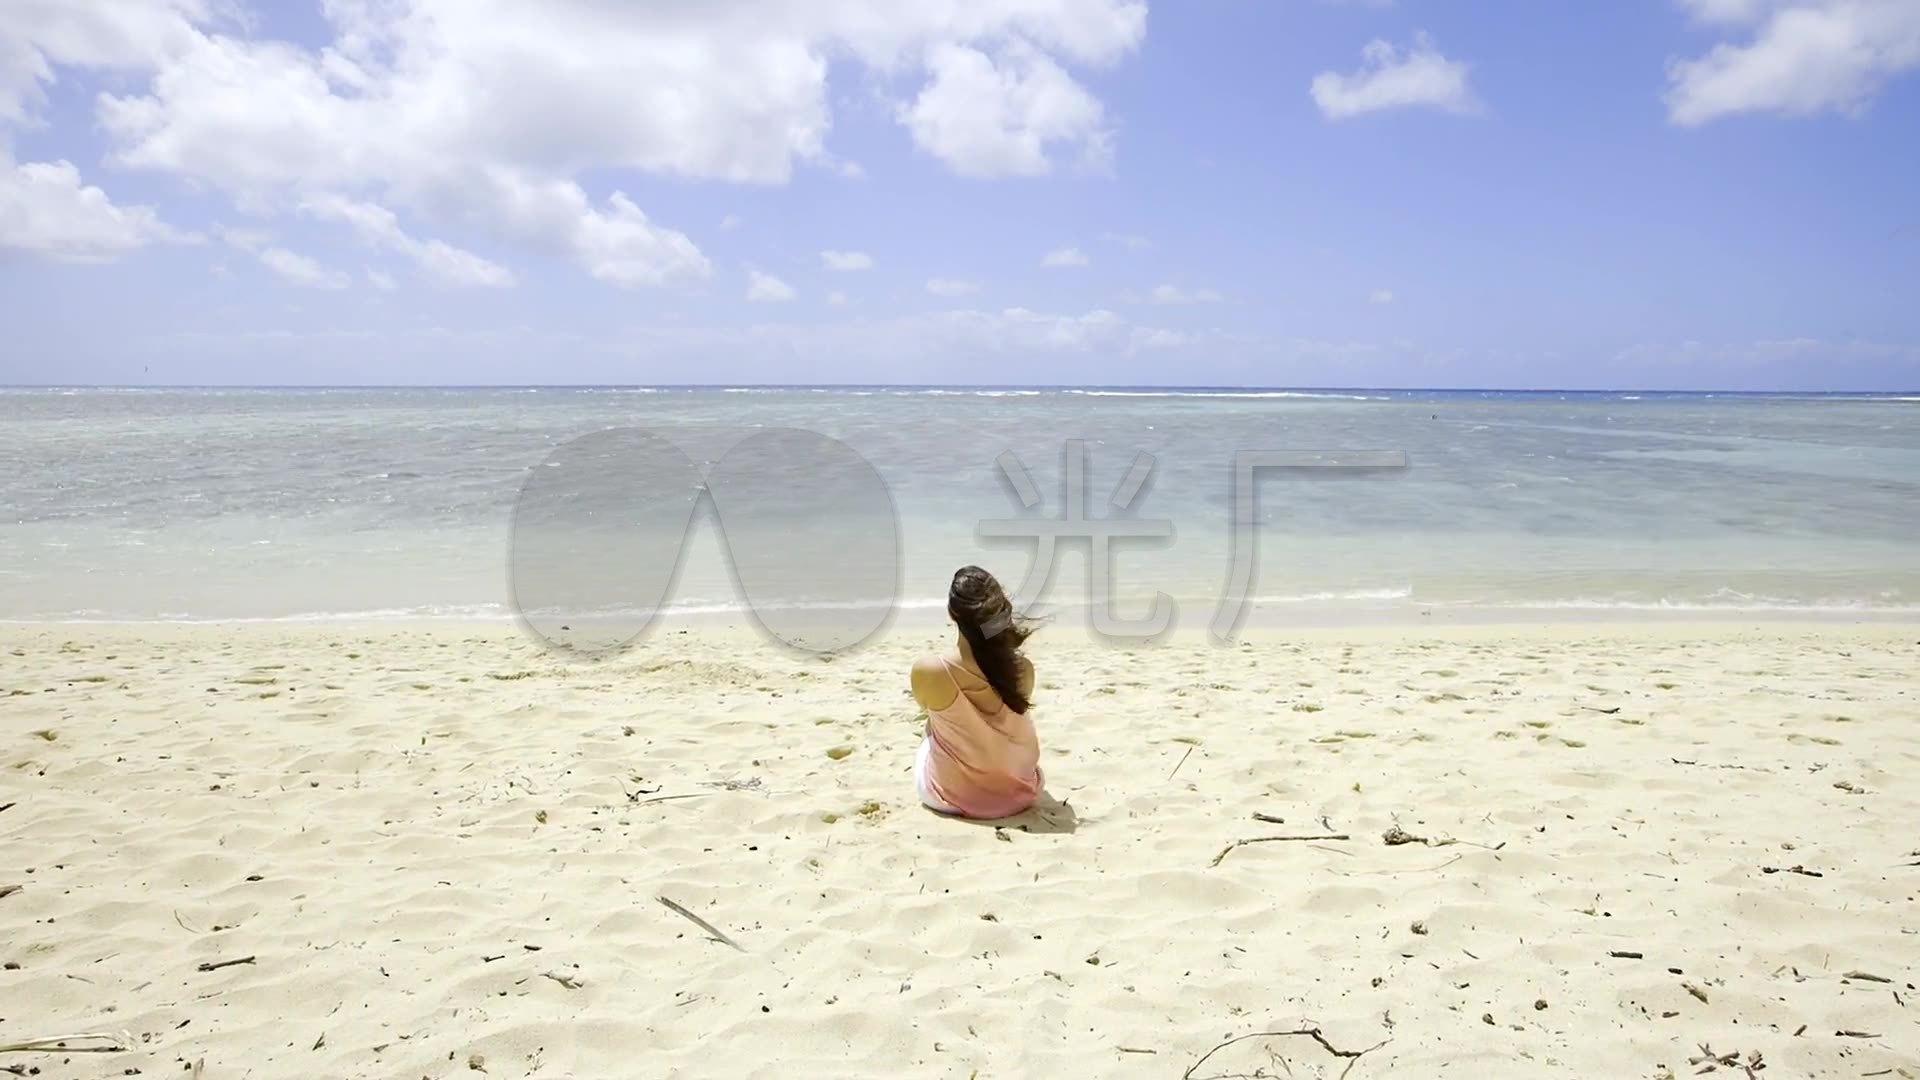 海边沙滩-美女女人背影-看海听海_1920x1080_高清视频